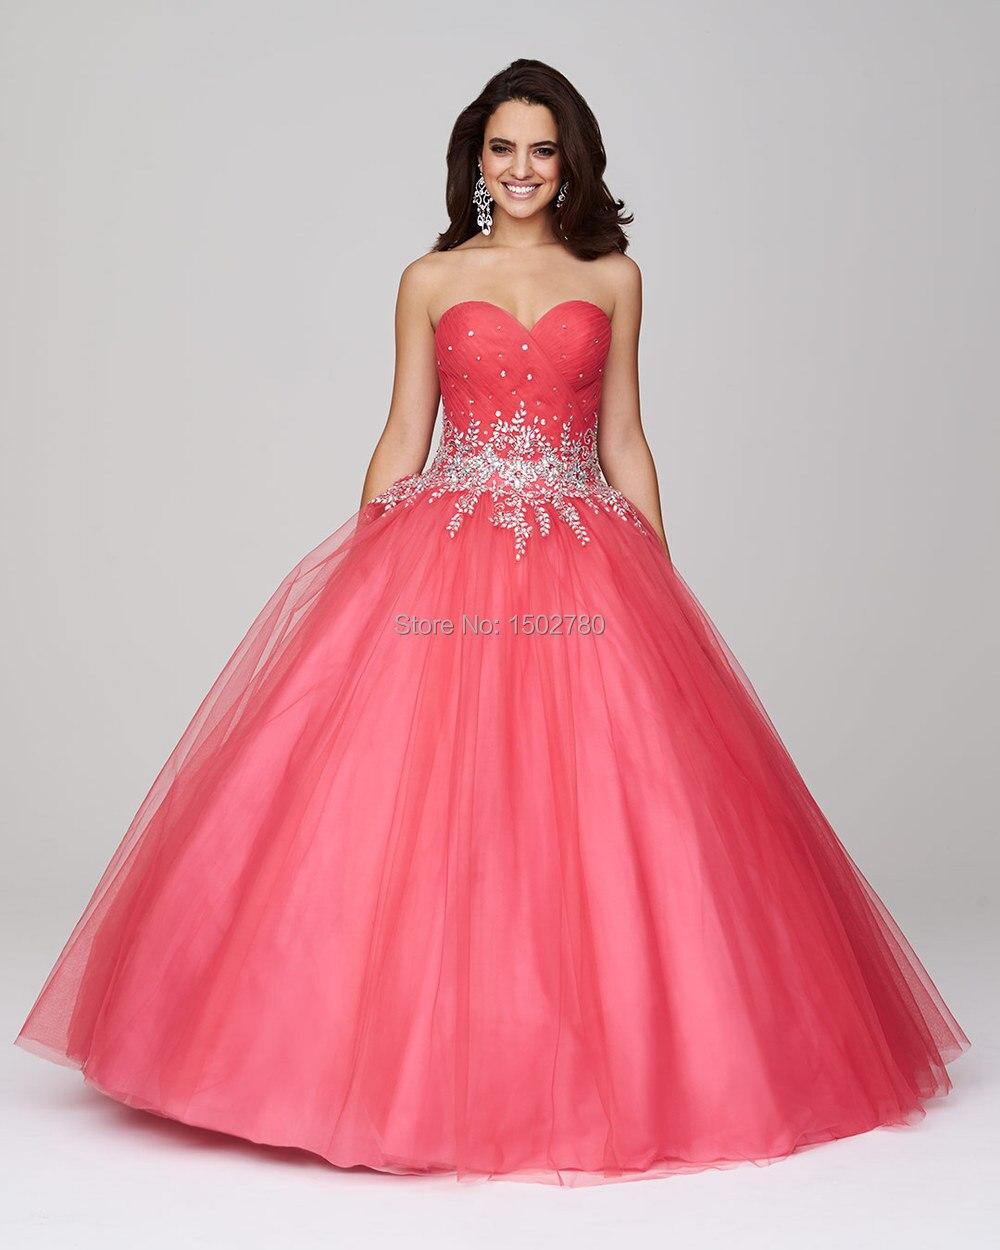 Descuento Quinceanera vestidos apliques de bola del amor elegante ...